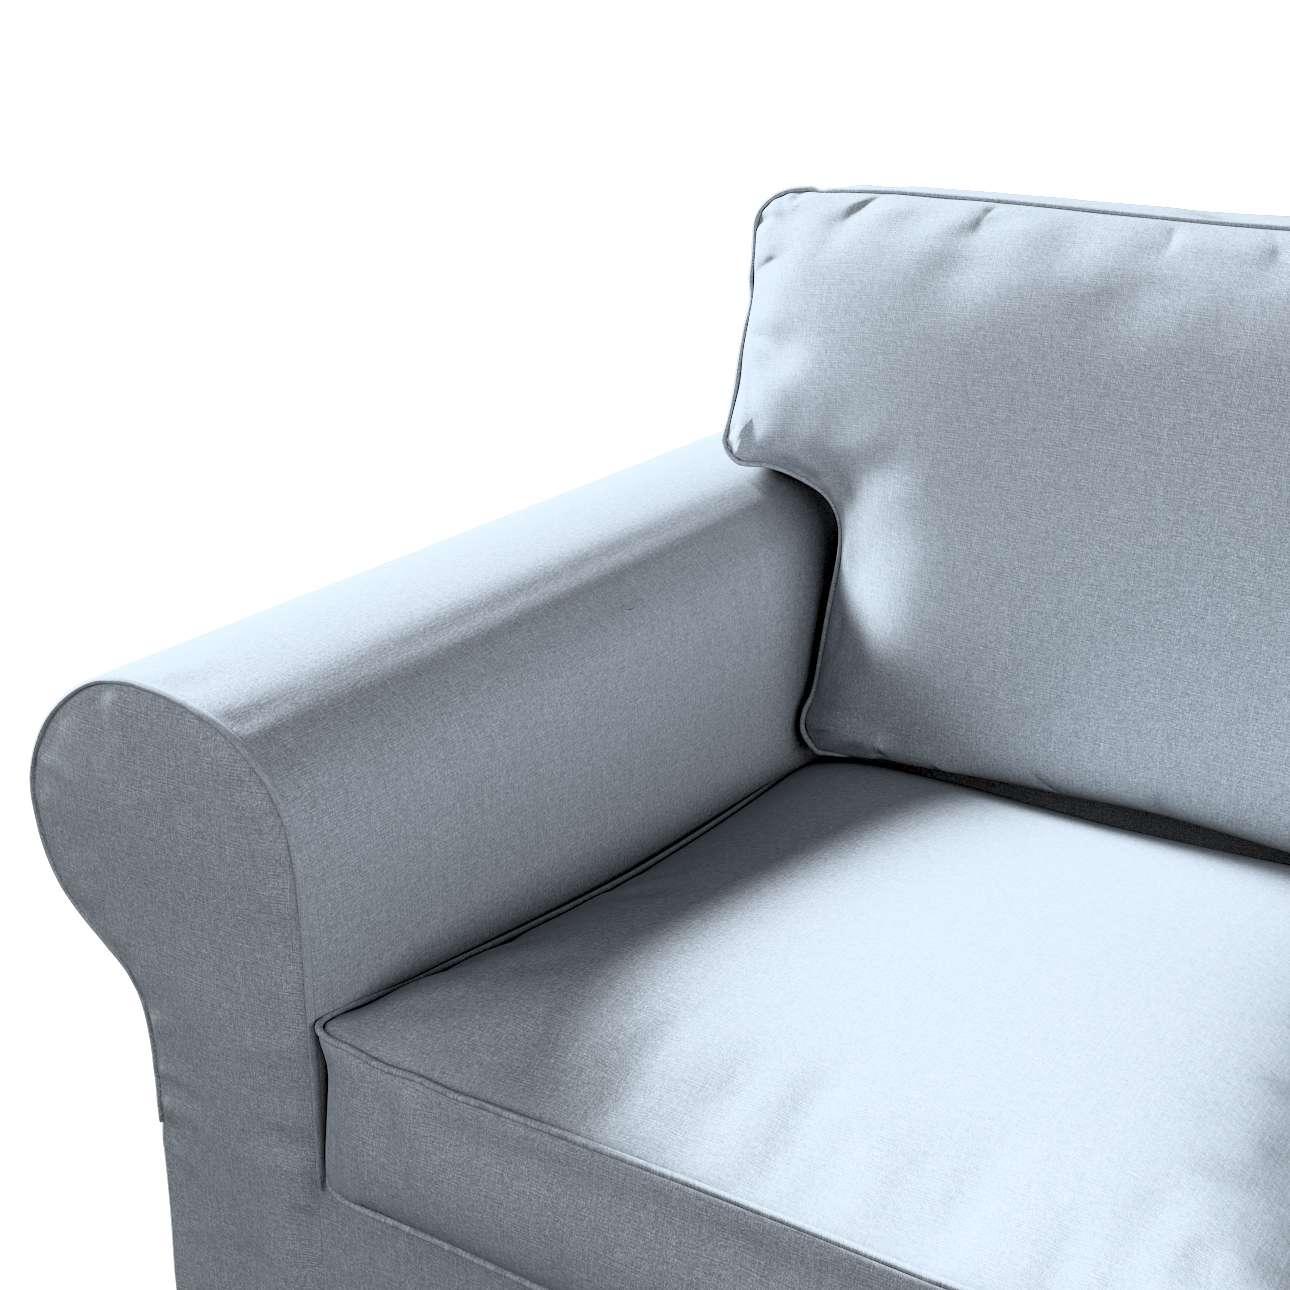 Pokrowiec na sofę Ektorp 2-osobową rozkładaną, model po 2012 w kolekcji Amsterdam, tkanina: 704-46